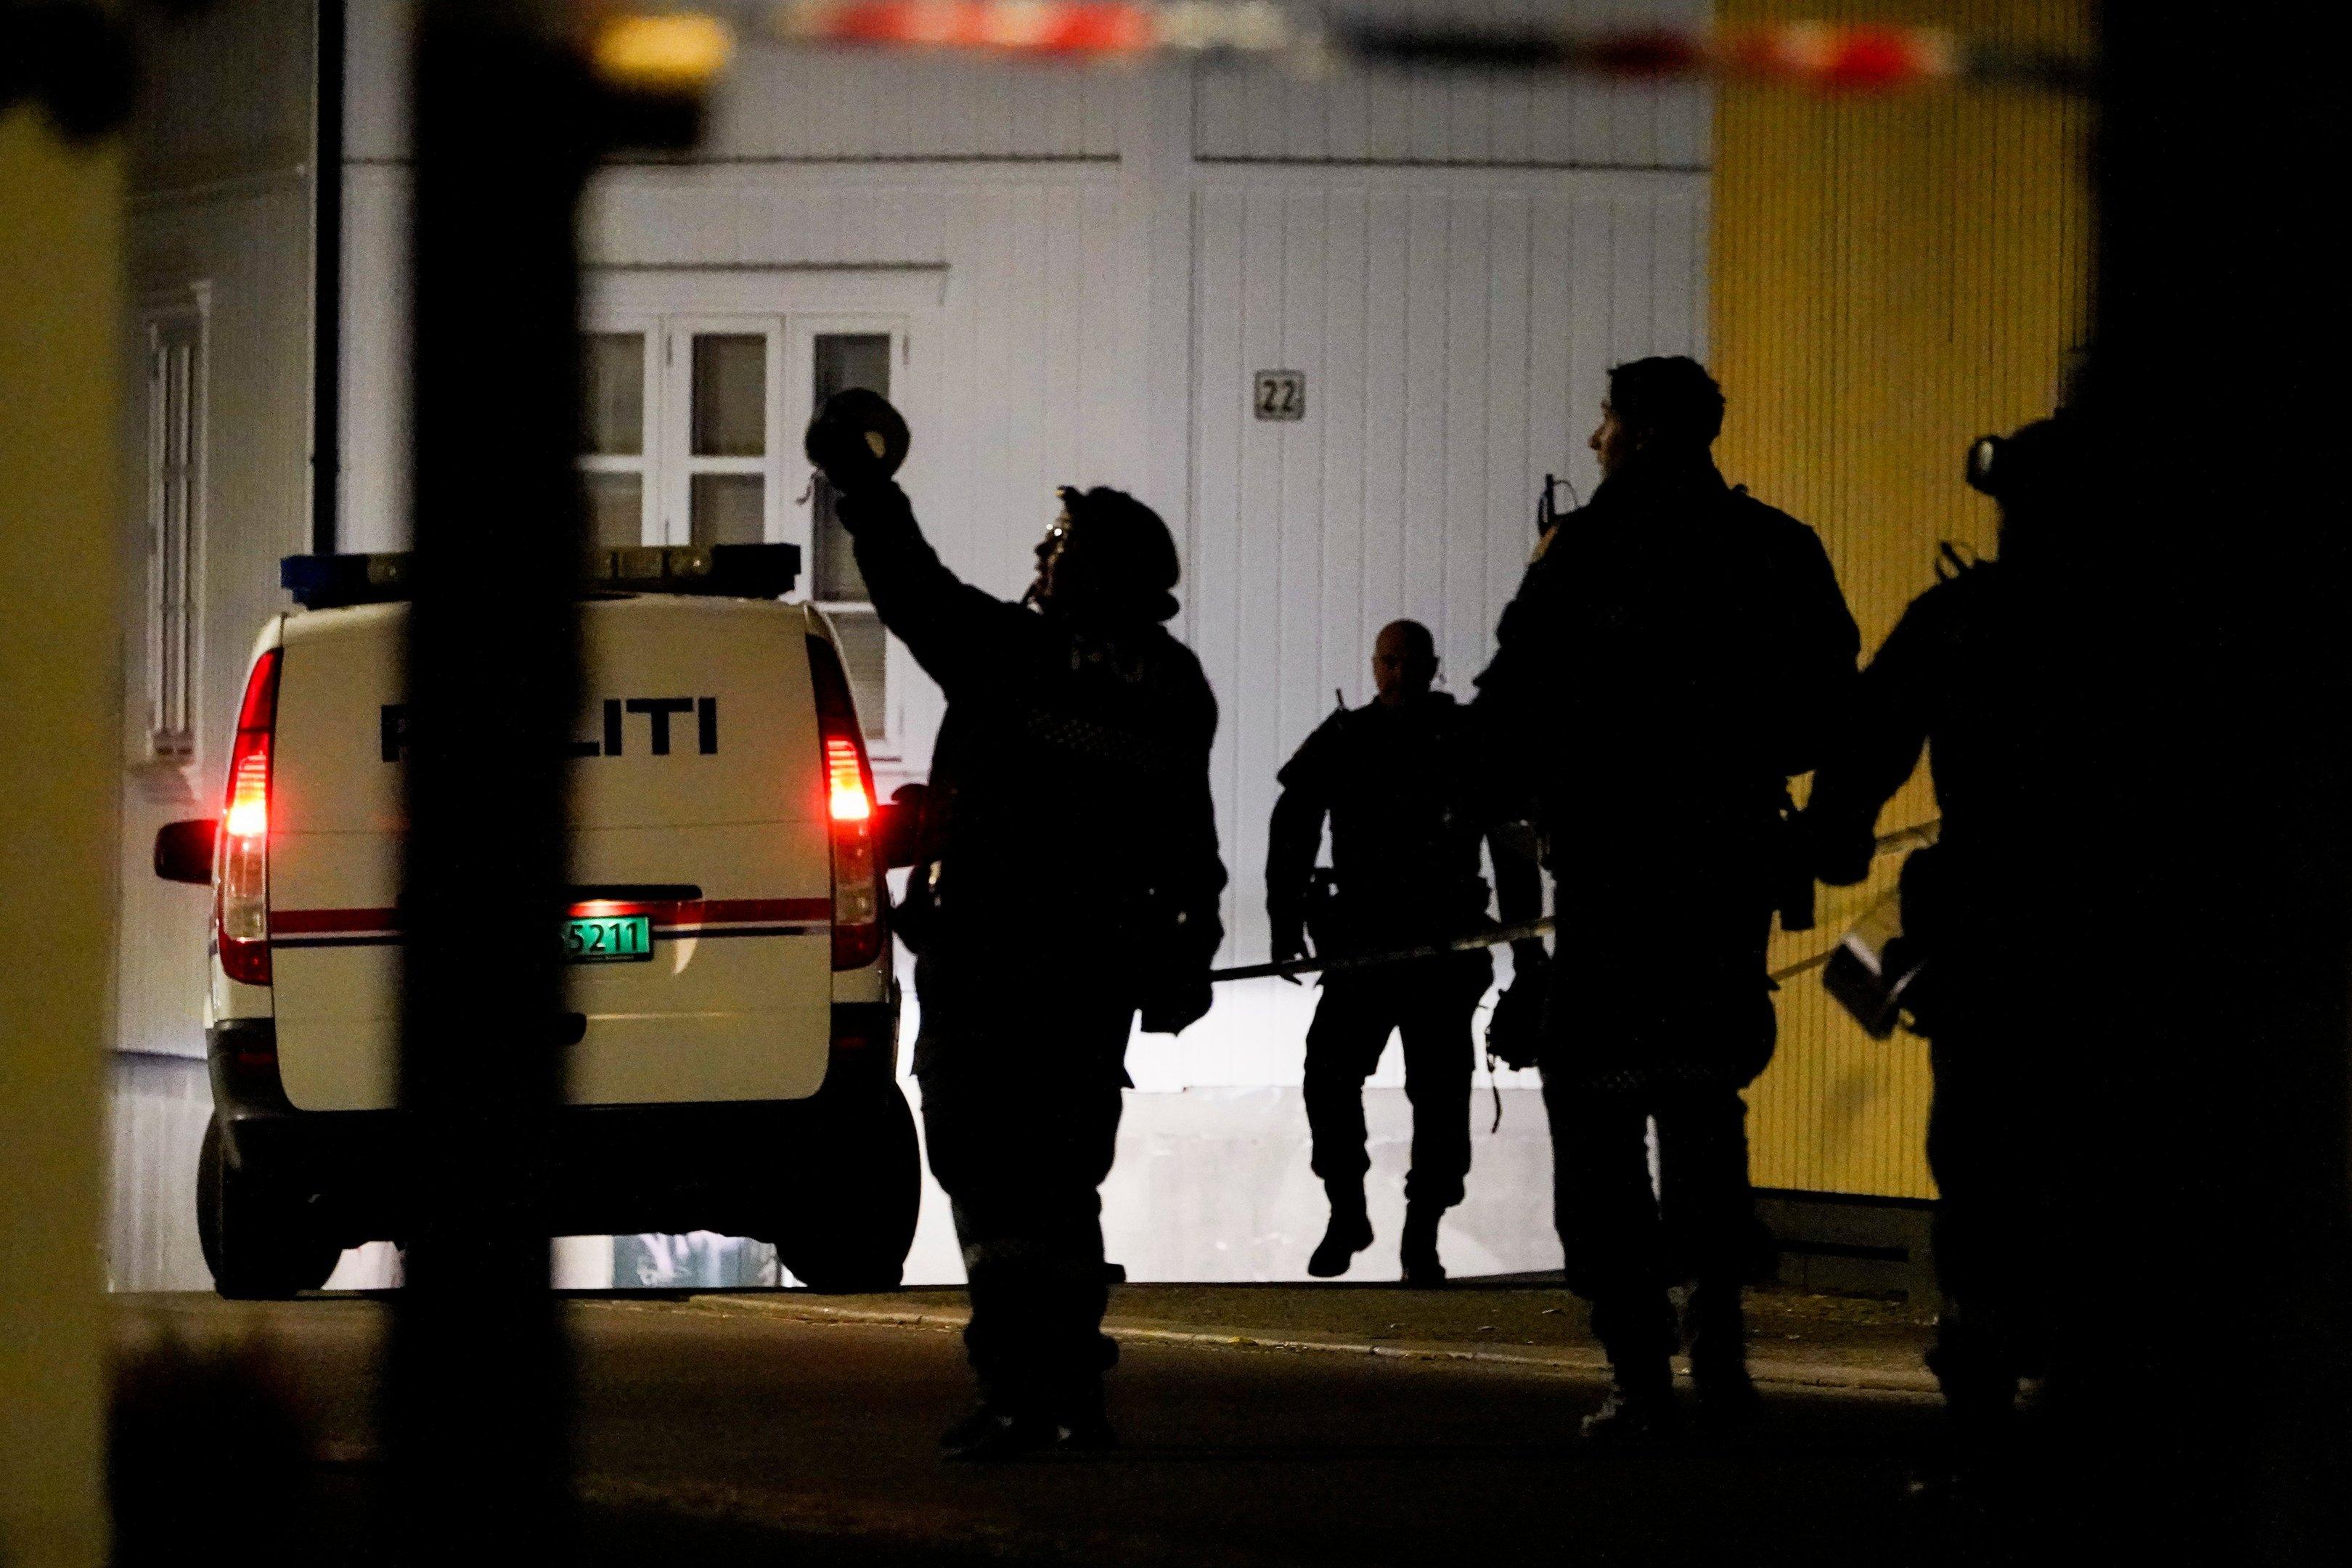 Ataque com arco e flecha deixa 5 mortos na Noruega